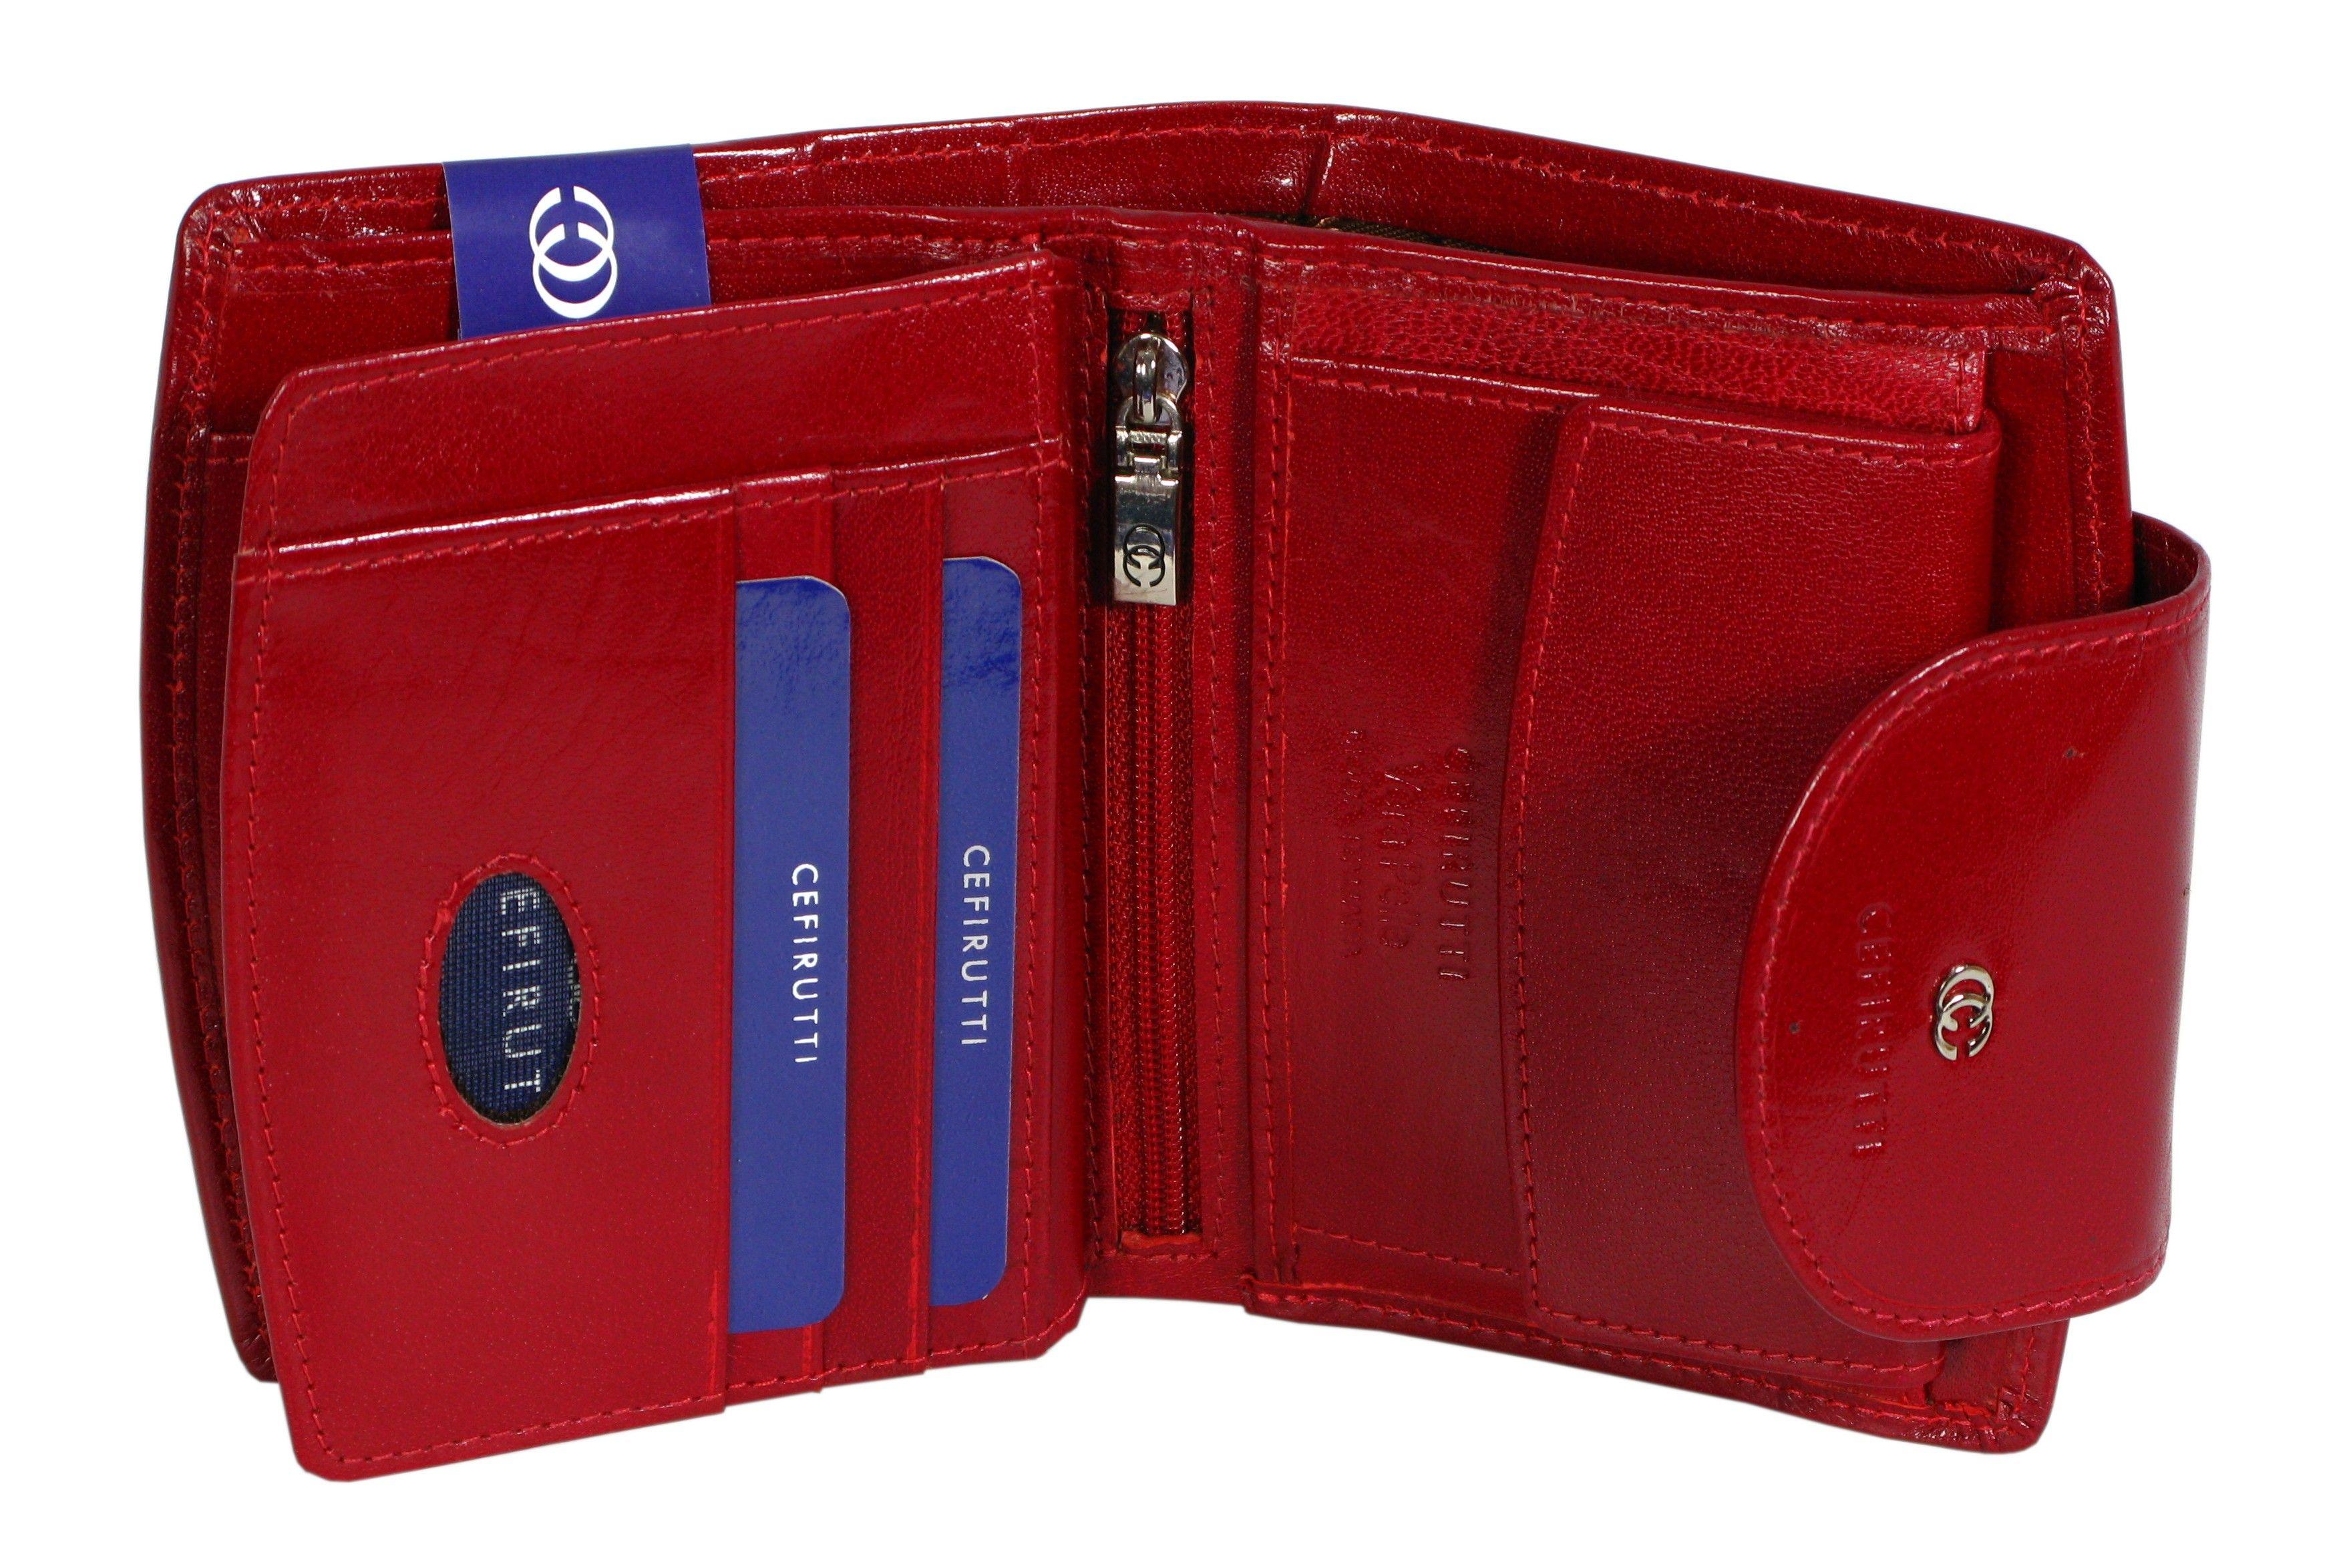 bfd95b9c9c448 ... portfel damski skórzany allegro cefirutti czerwony ...